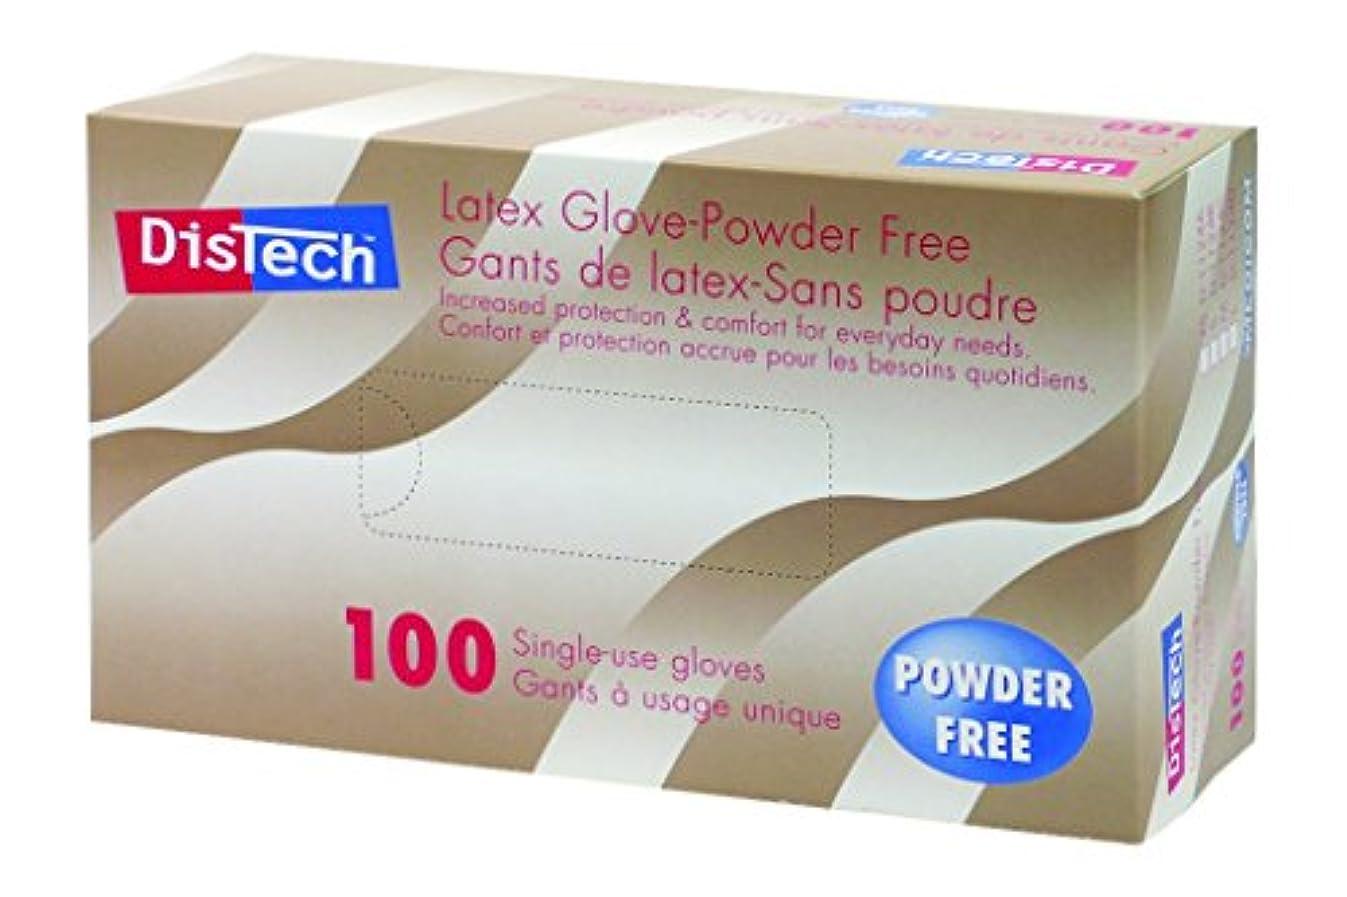 乳剤サーマルペデスタルD-1124C-Eディステックラテックスグローブ 塩素処理PF M寸 100枚/箱